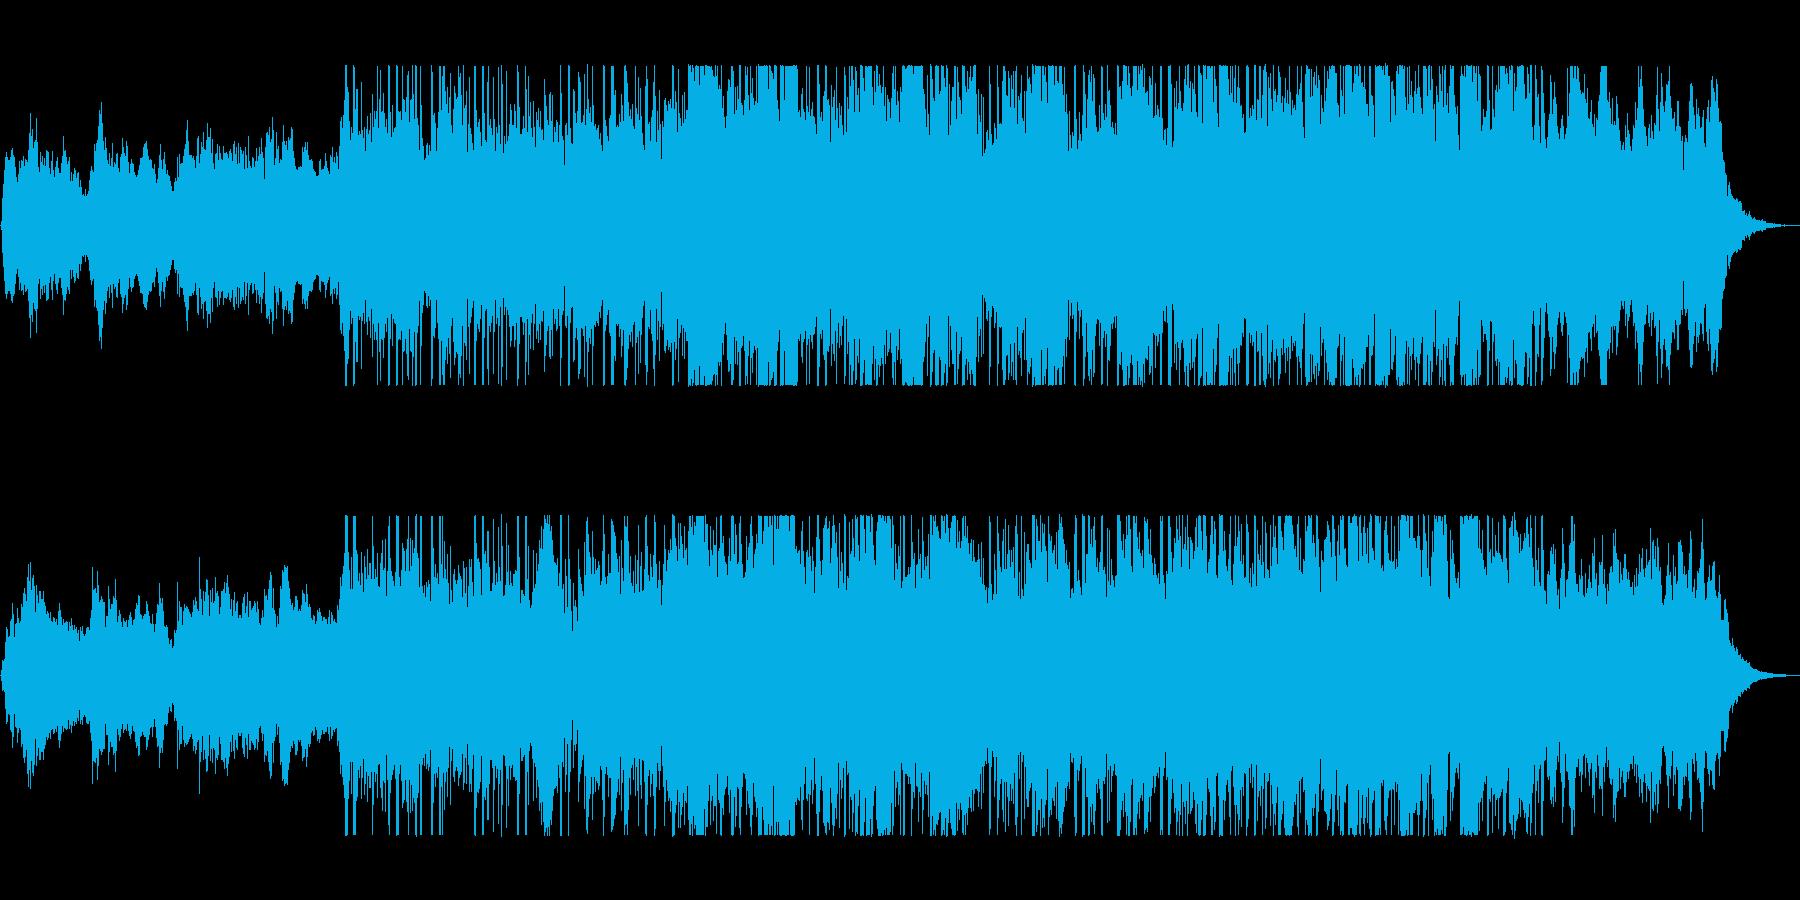 ピアノが幻想的な近未来風BGMの再生済みの波形